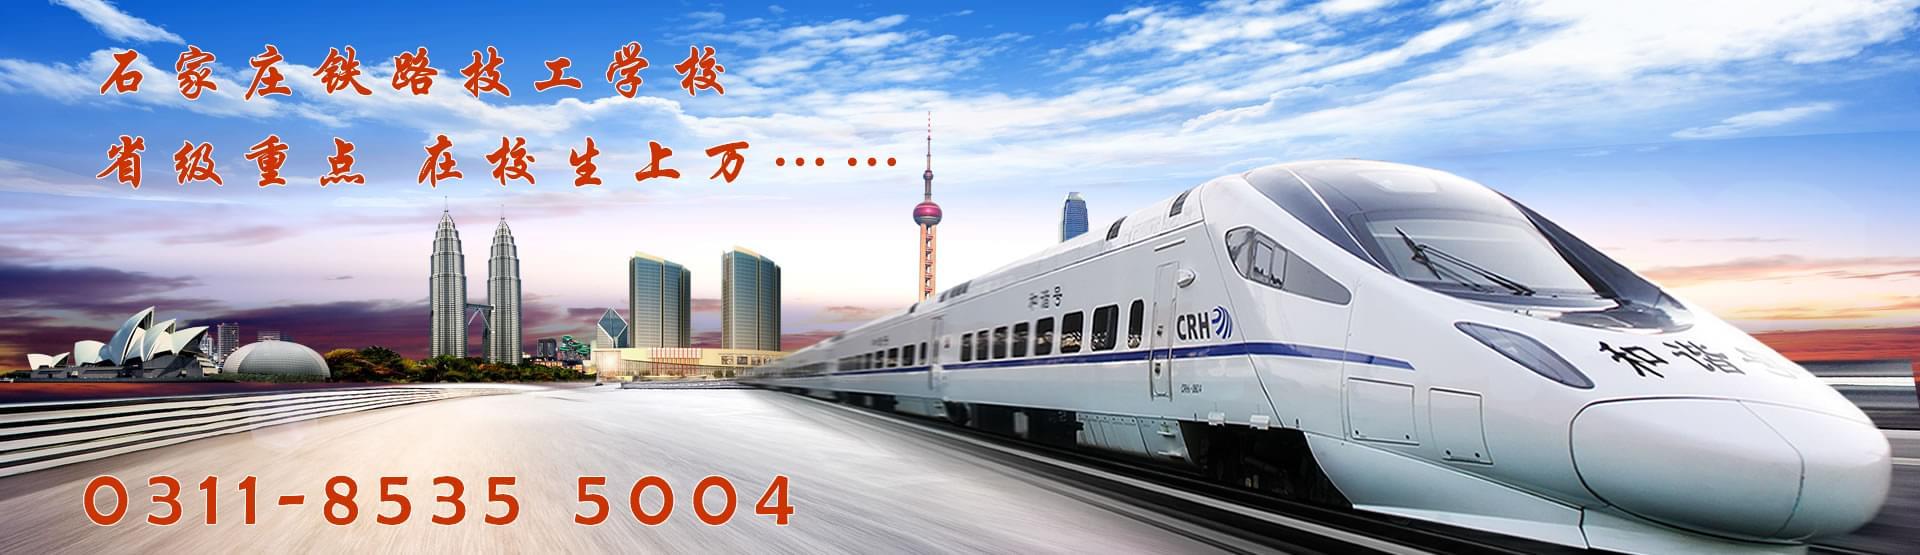 石家庄至武汉铁路客运专线2011年建成通车